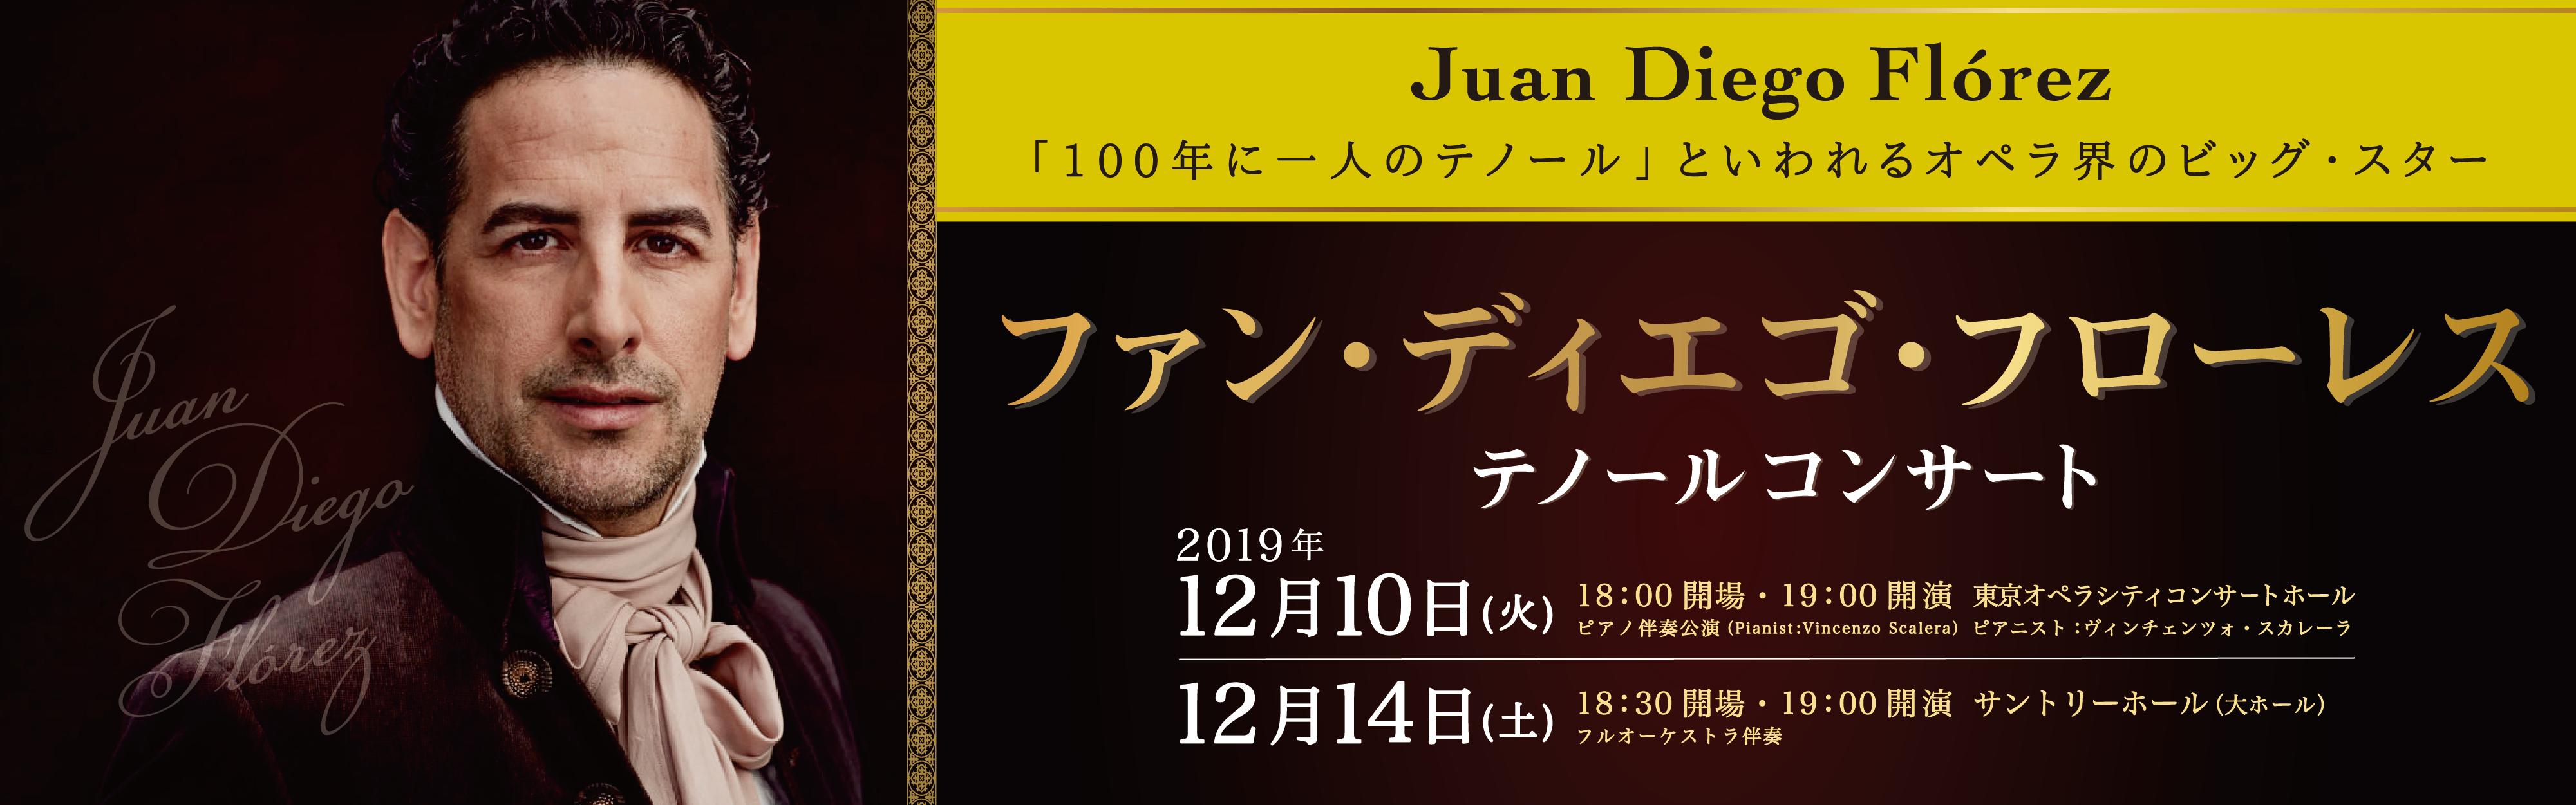 ファン・ディエゴ・フローレス オペラアリアコンサート 東京公演